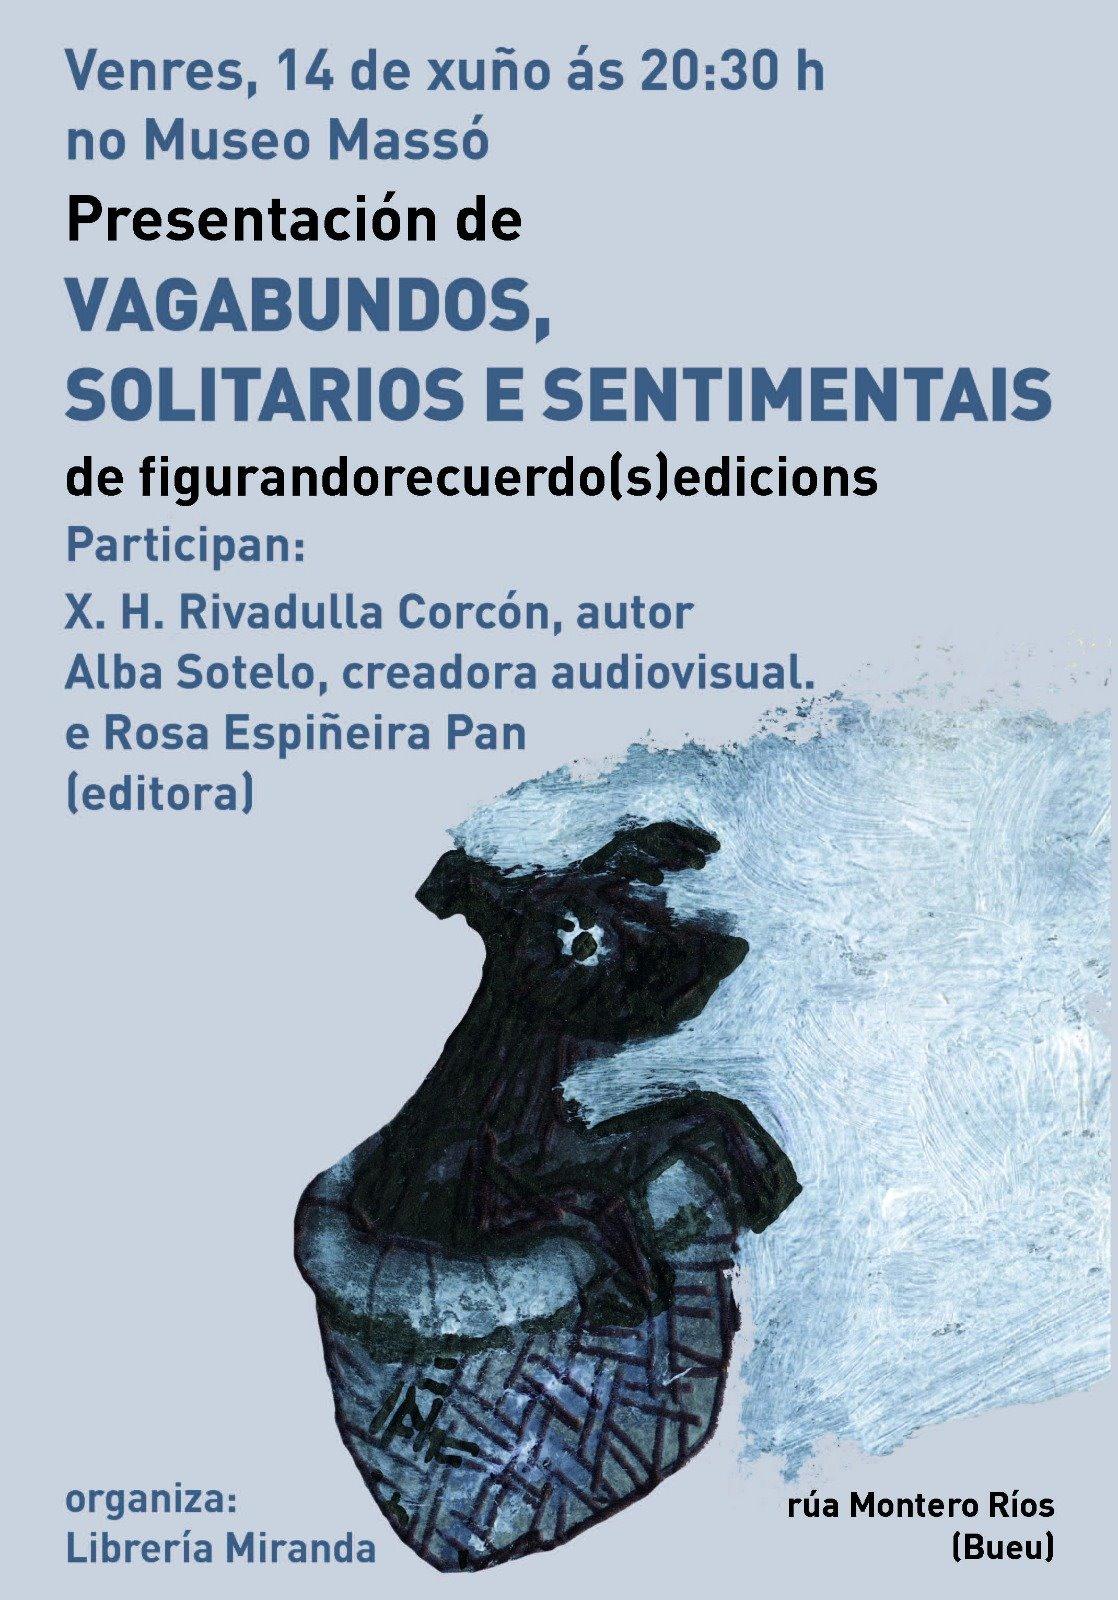 Presentación libro Vagabundos, solitarios e sentimentais, de X.H. Rivadulla Corcón